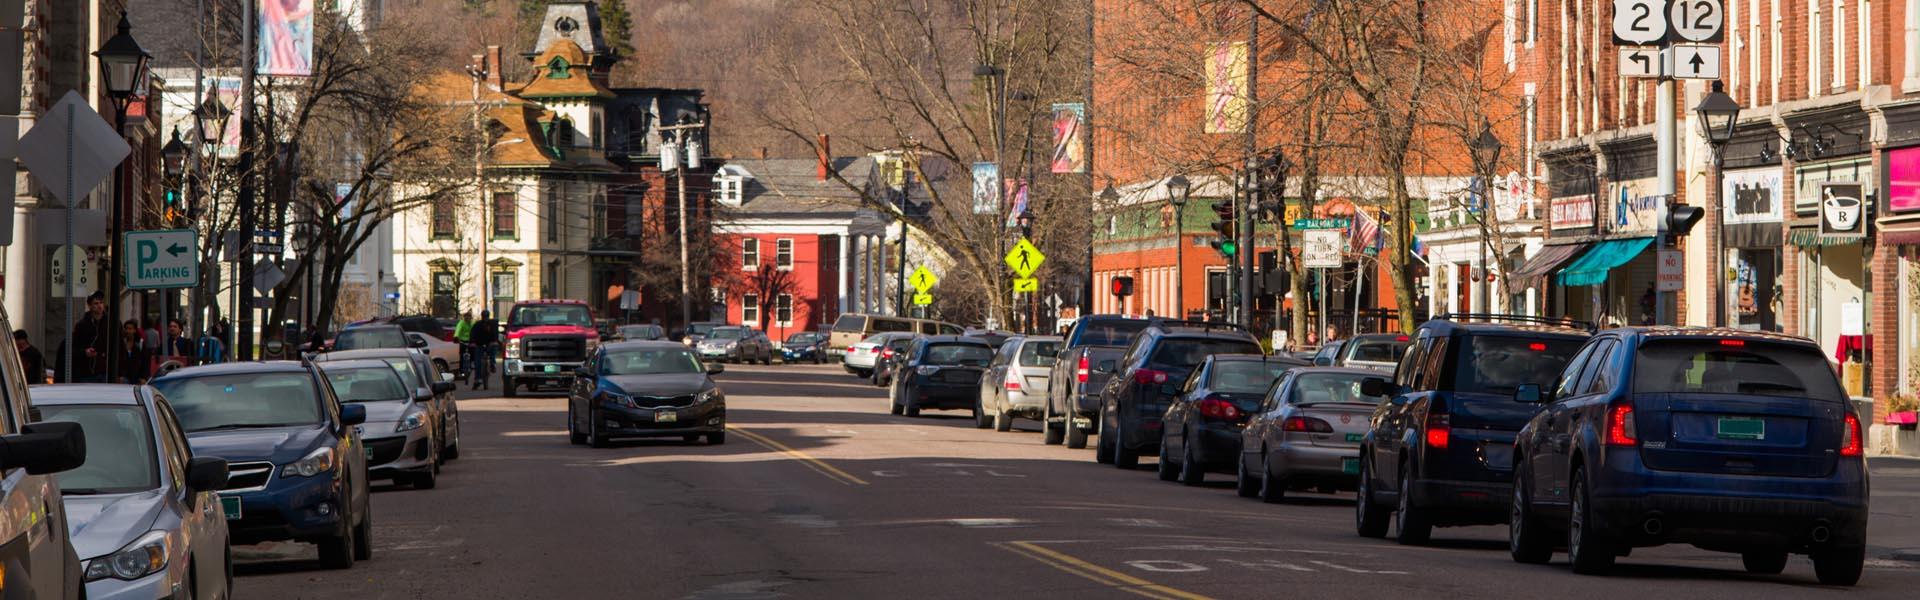 USA, Vermont, Montpelier